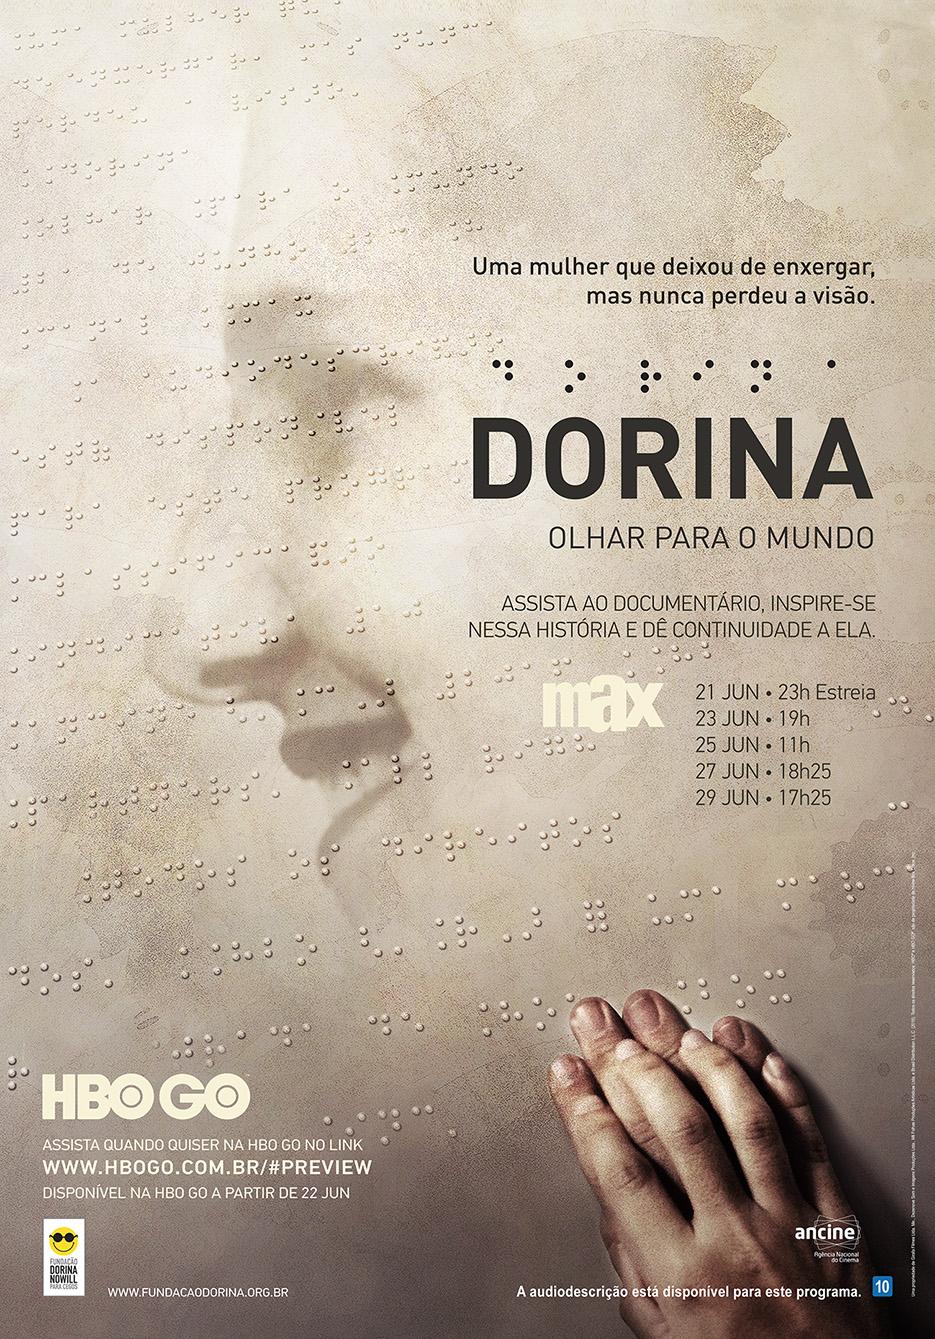 Pôster do documentário Dorina Olhar para o mundo.